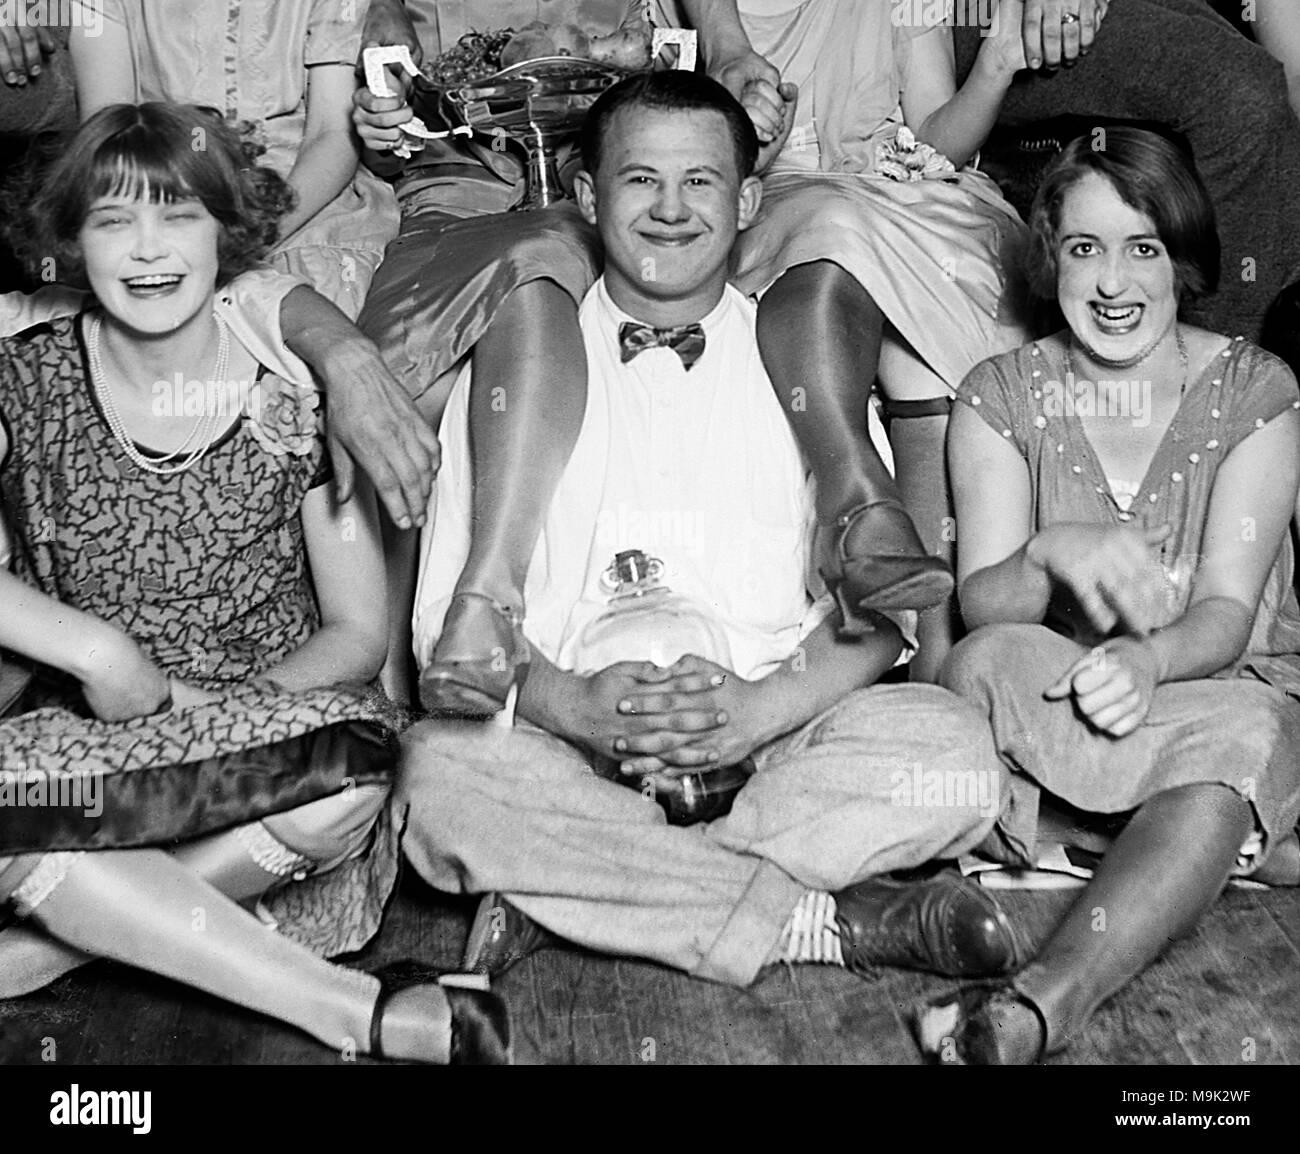 Ein junger Mann ist gut positioniert, um beim Trinken bootleg Booze während der Prohibition in Chicago im Jahre 1927. Stockbild